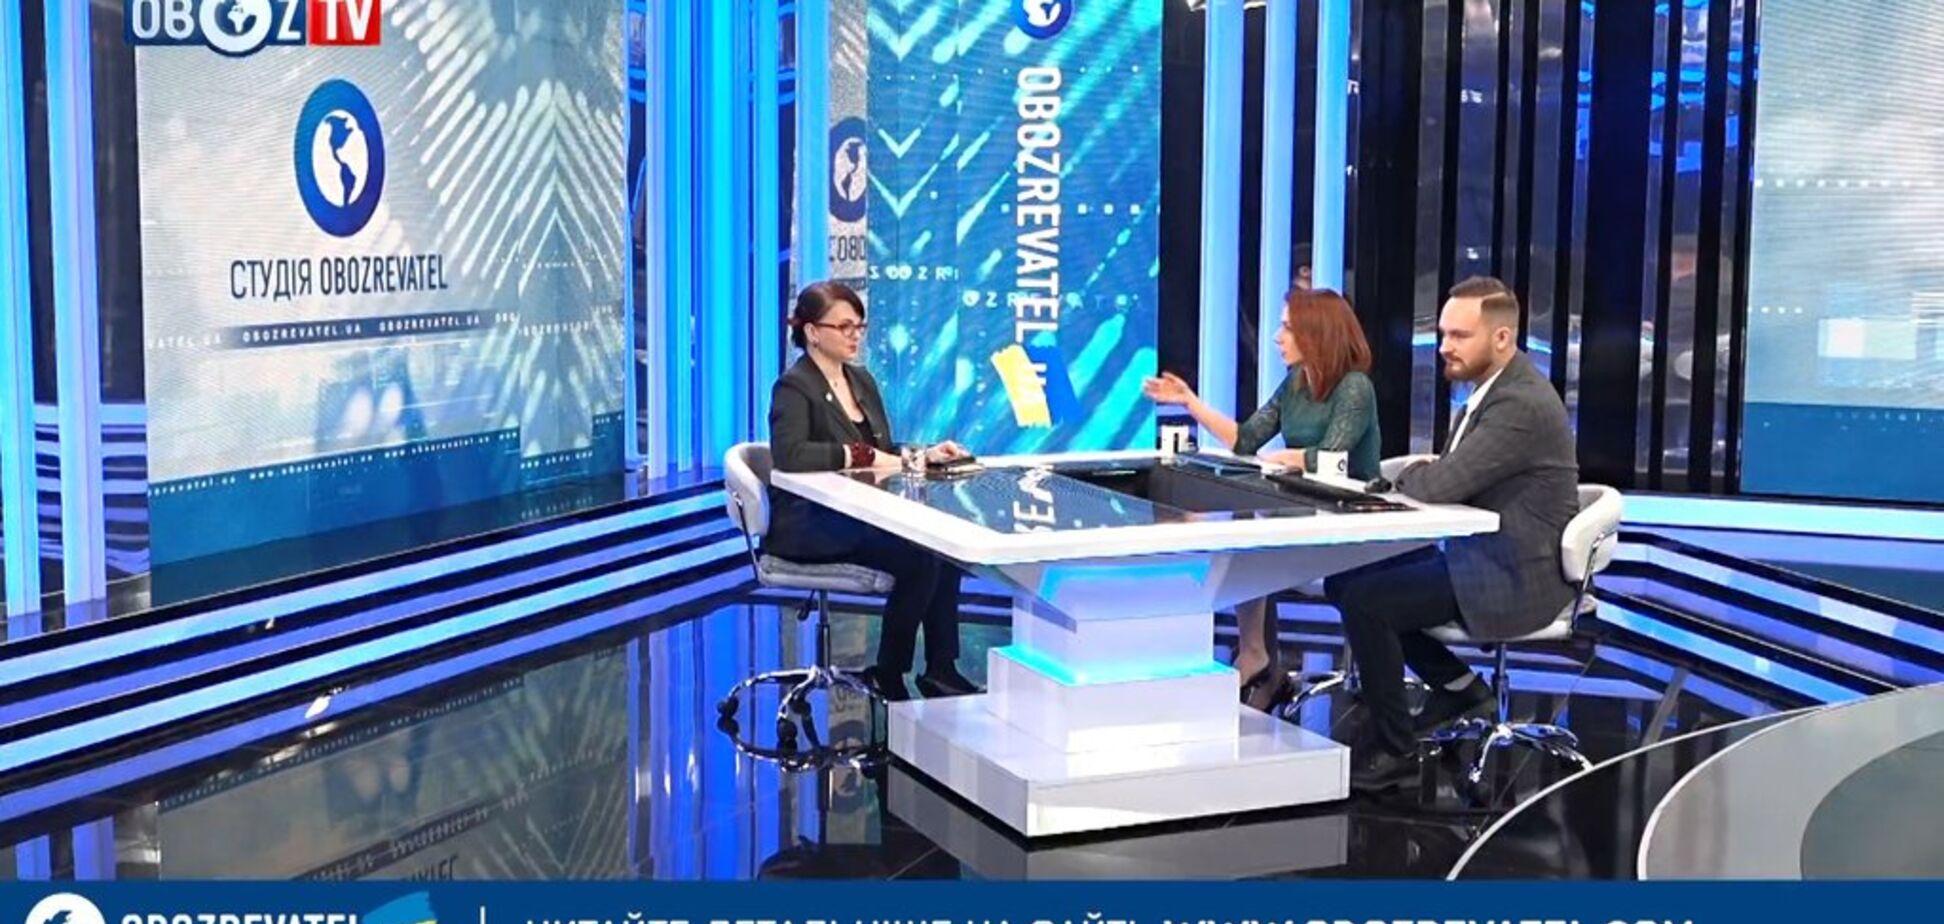 ''Рука Кремля'' – доктор философии раскритиковала украинских псевдоэкспертов из-за протестов во Франции